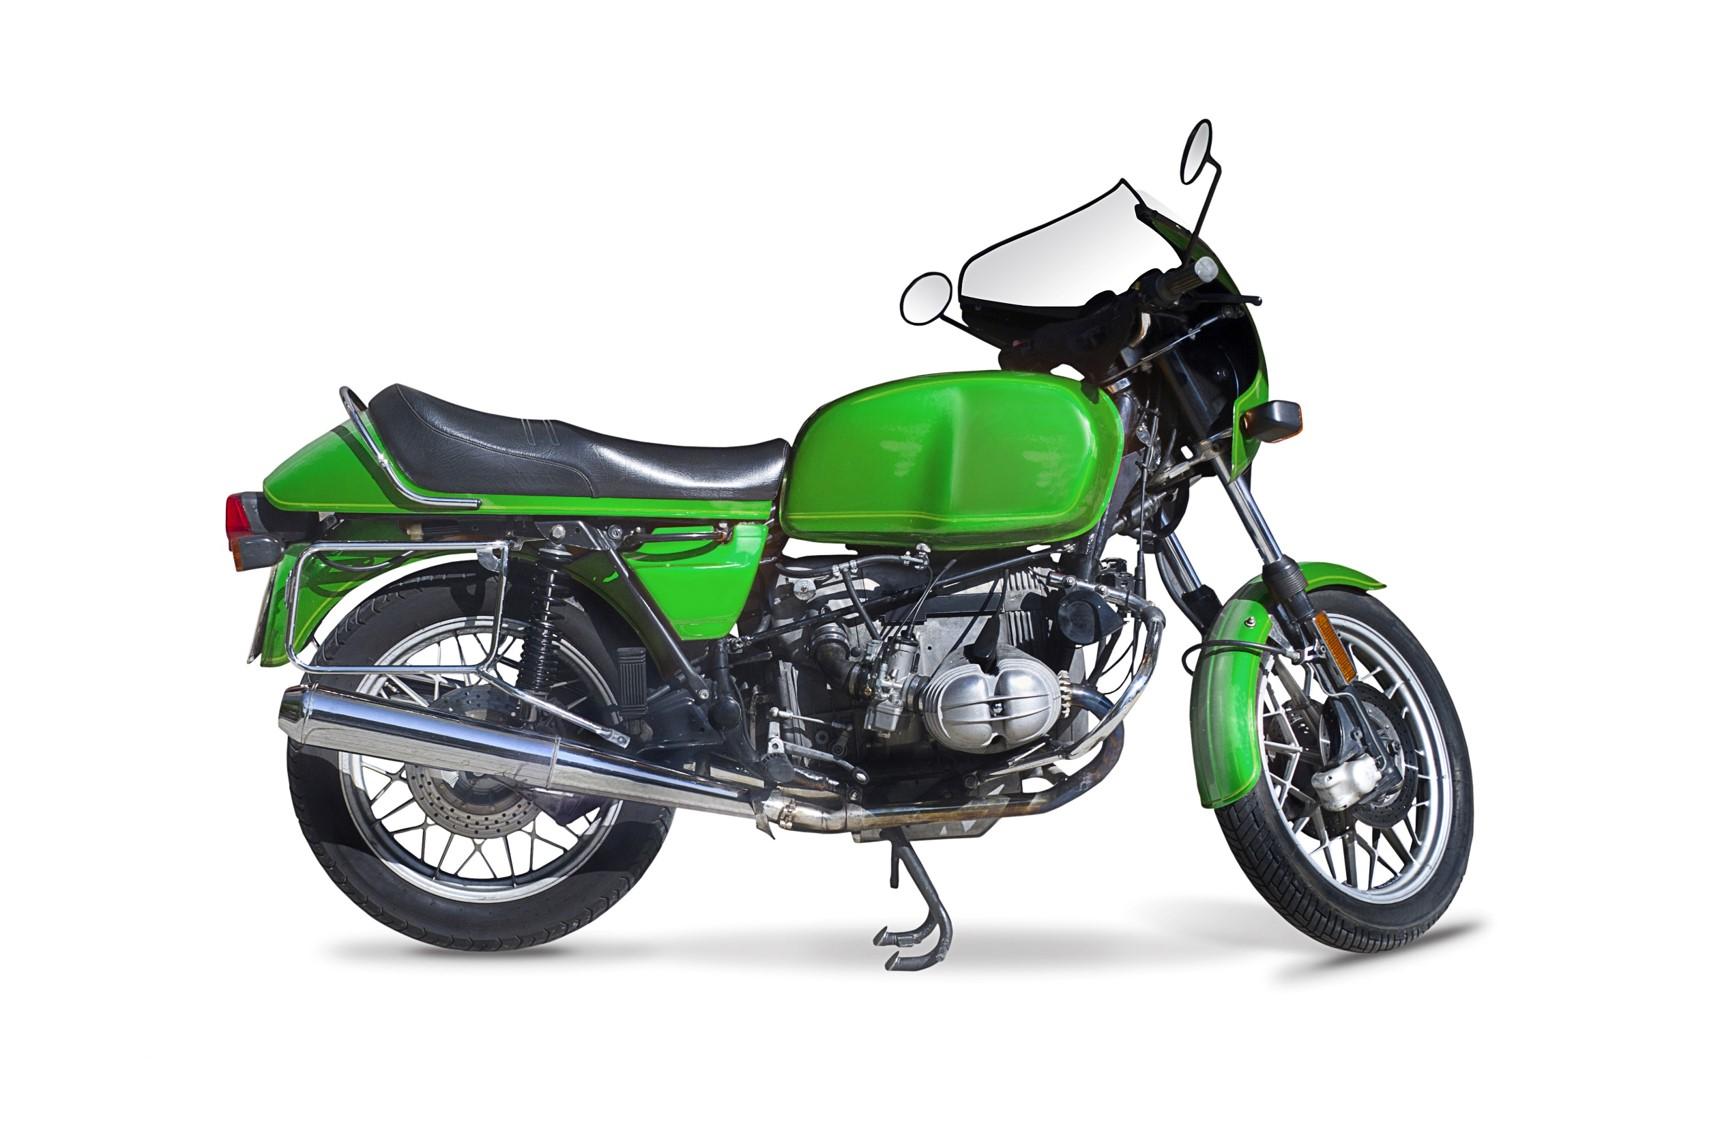 MOTO - R$ 17.000,00